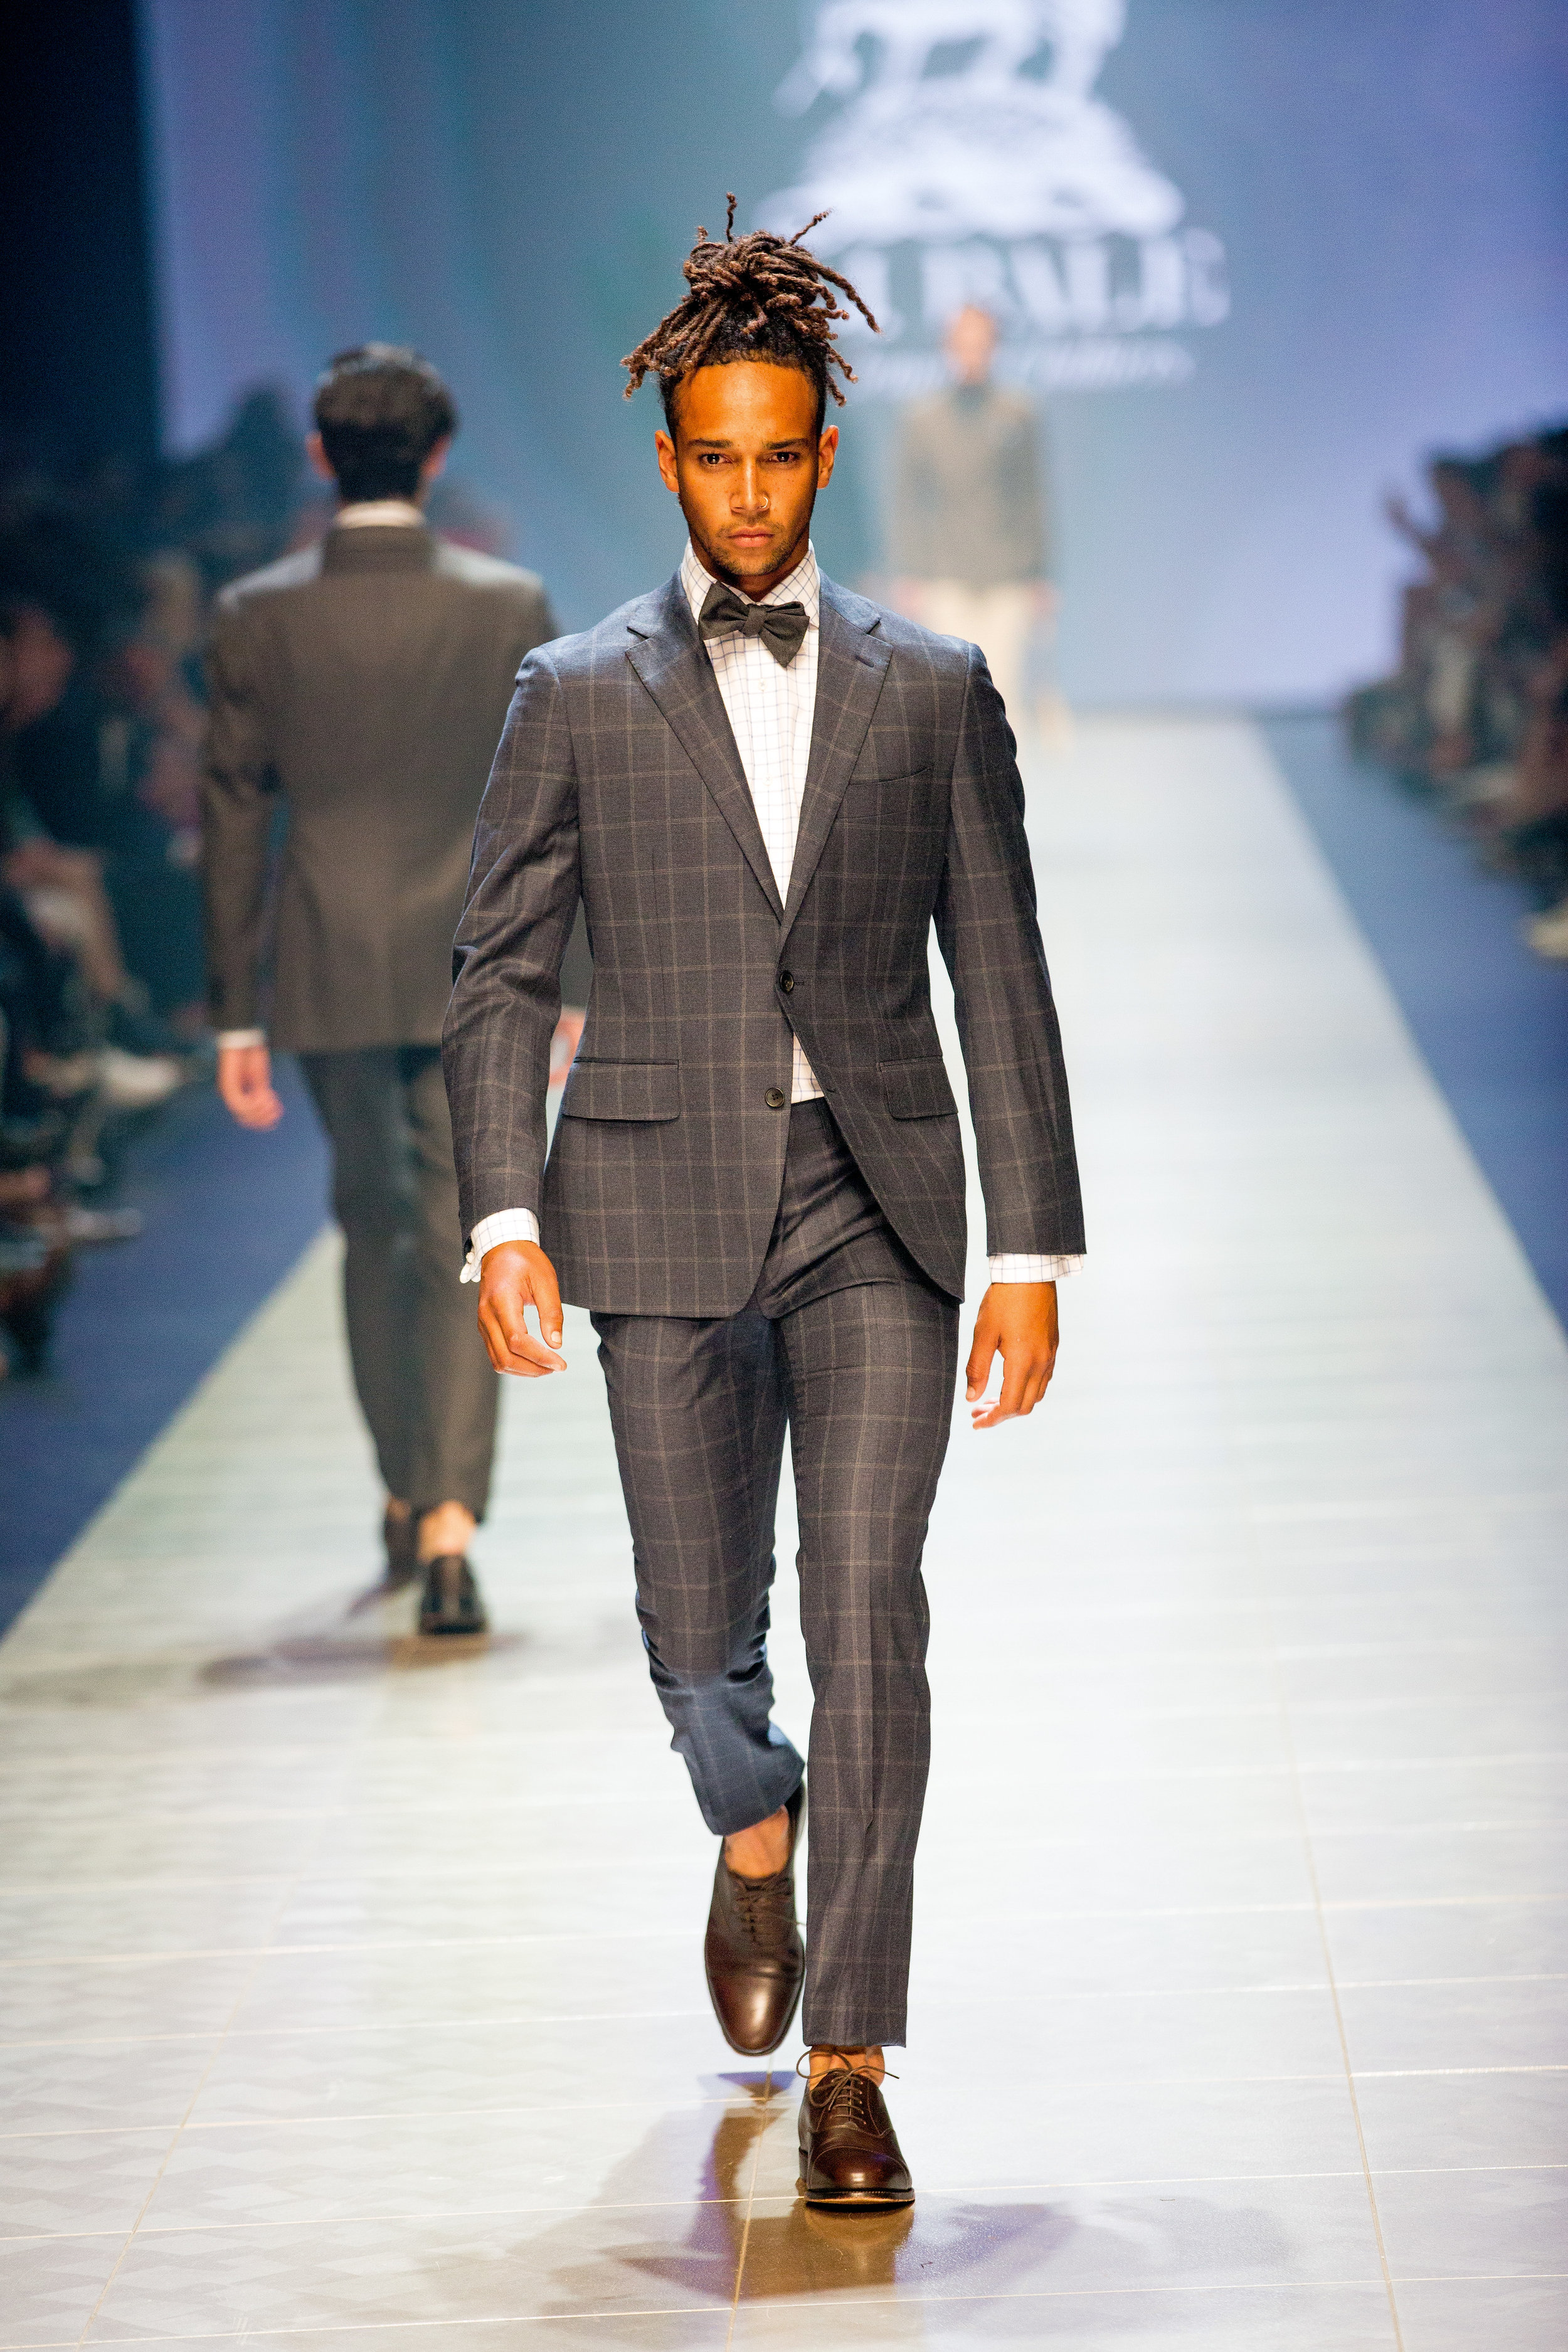 VAMFF2019_GQ Menswear-352.jpg